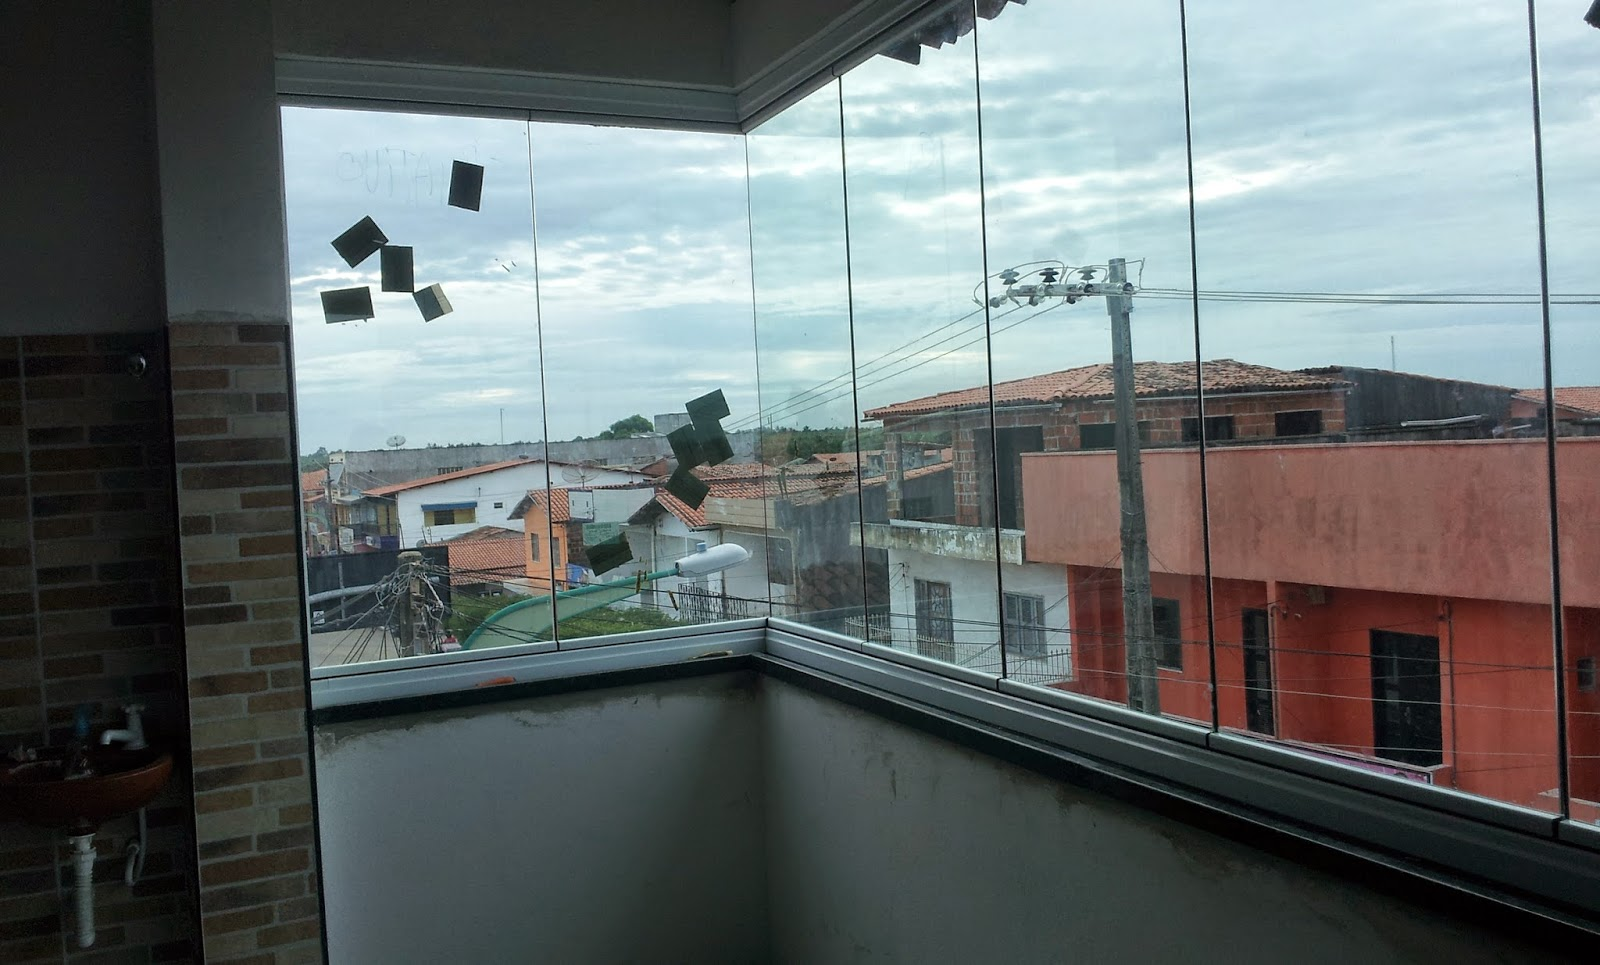 #417E8A Criativo Vidraçaria: Cortina de vidro em Fortaleza 128 Janelas De Vidro Fortaleza Ce